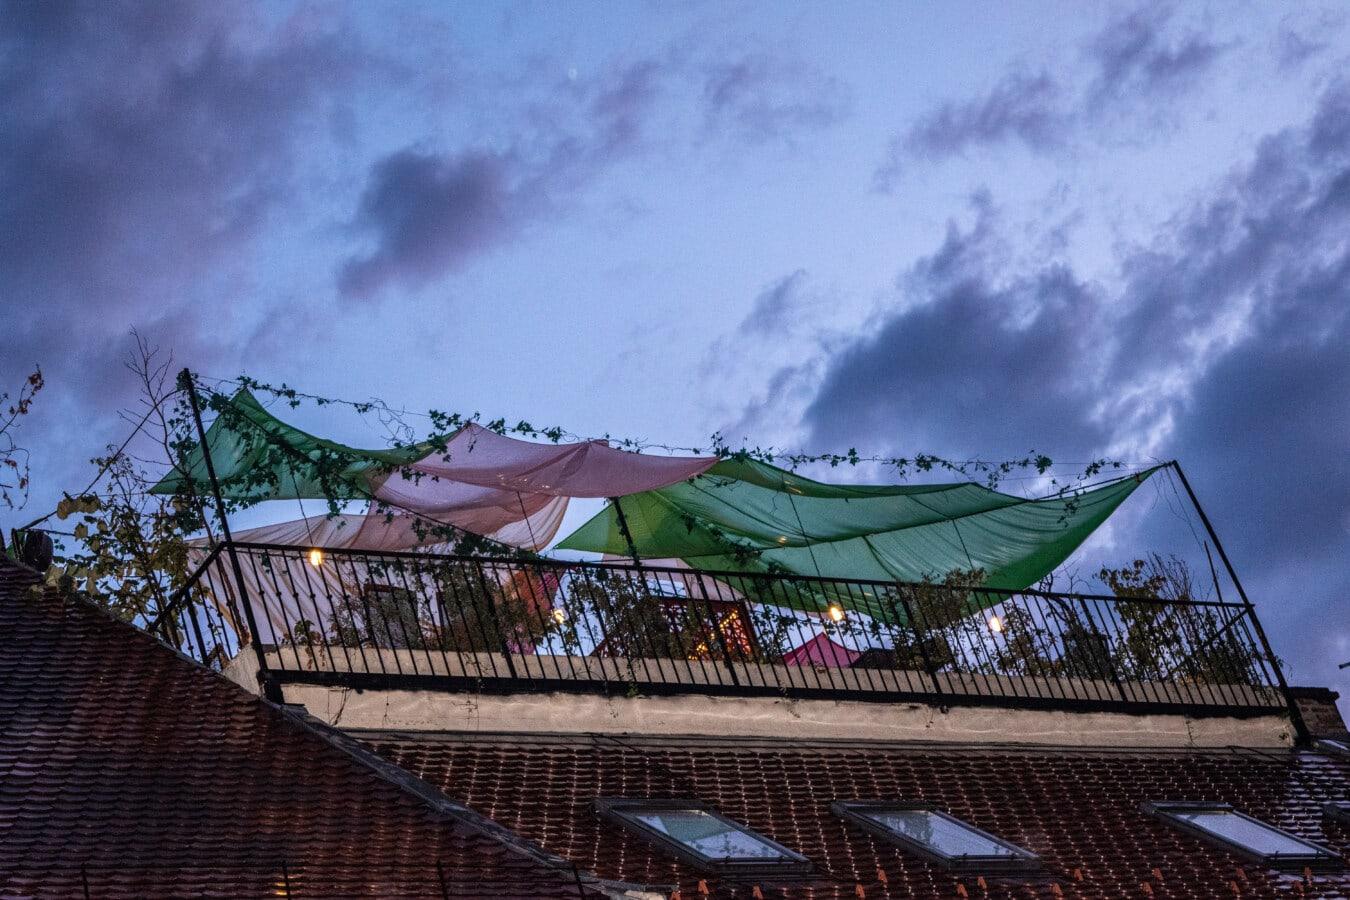 sur le toit, toit, mauvais temps, jardin, nuit, pluie, ténèbres, soirée, architecture, bâtiment